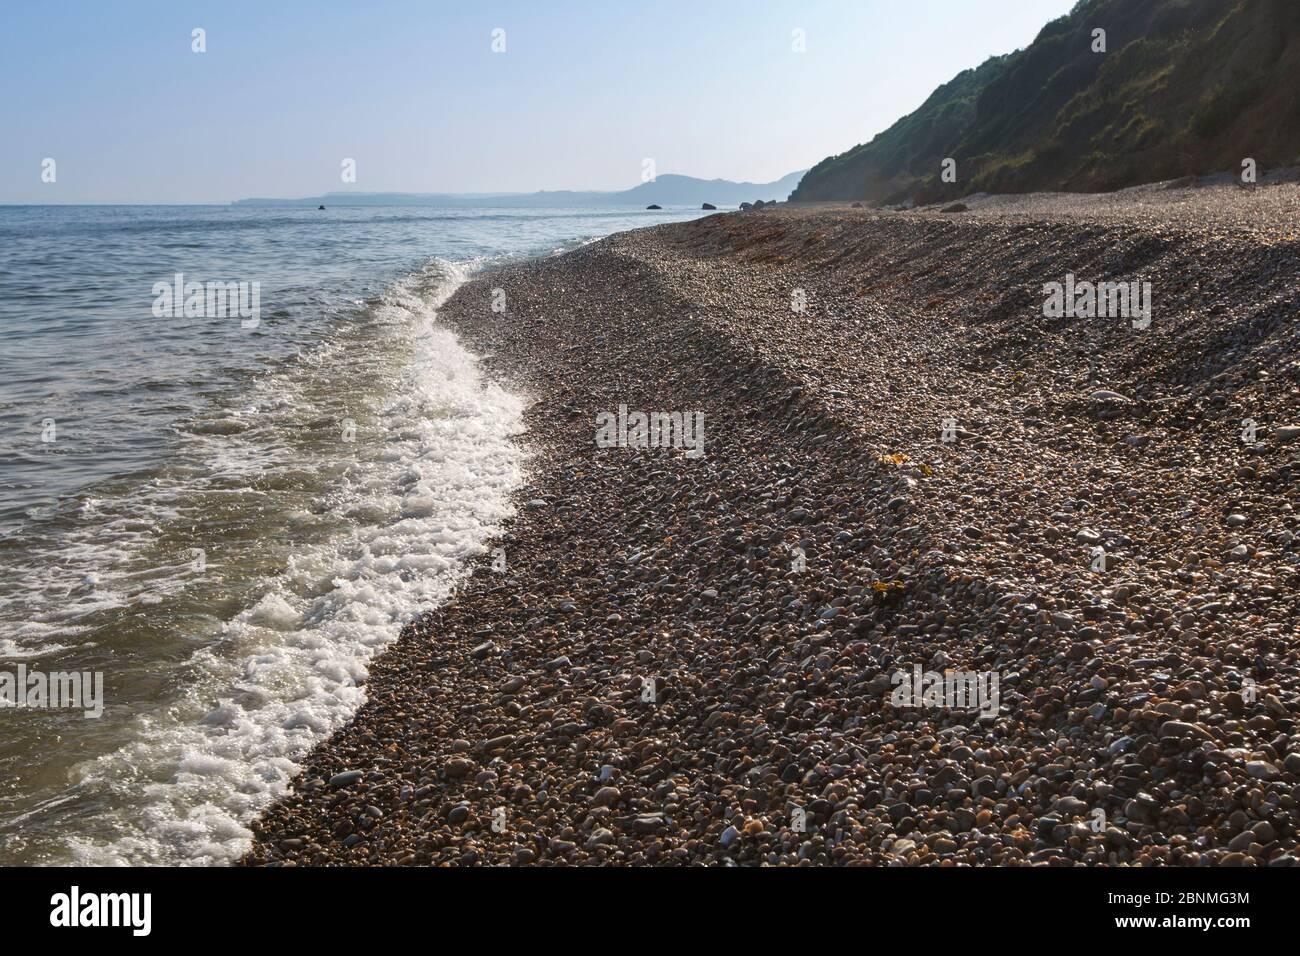 Site de plage de galets à Devon choisi pour la libération de criquets squameux élevés en captivité (Pseudomogoplisttes vicentie). Devon, Royaume-Uni. Juin. Banque D'Images